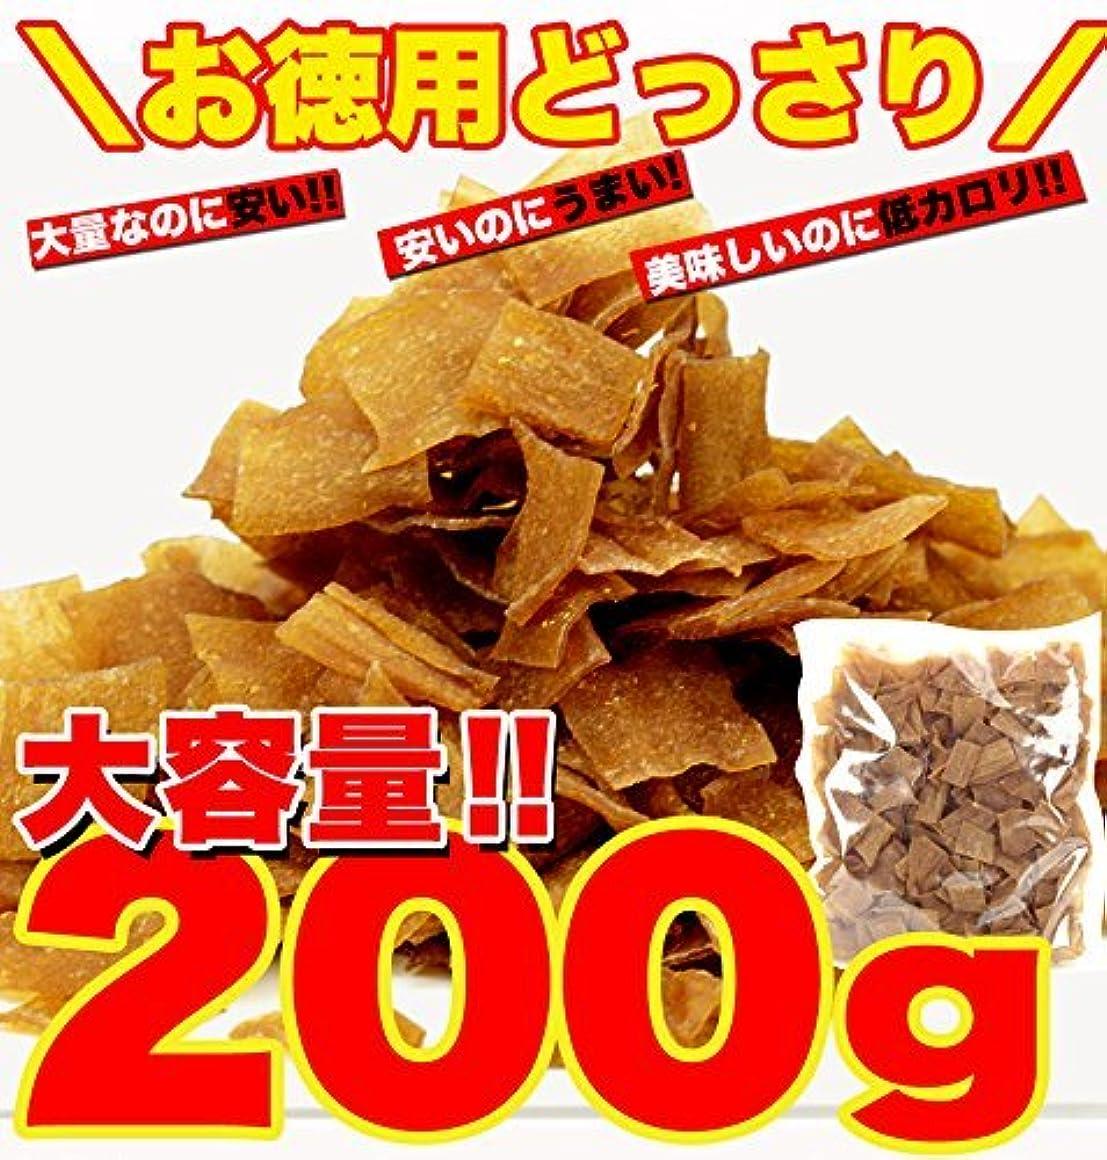 今後同行知覚国産こんにゃく使用!!群馬県下仁田のこんにゃくの名店が作るこだわりの「こんにゃくチップ」です!  お徳用☆ダイエットこんにゃくチップ200g